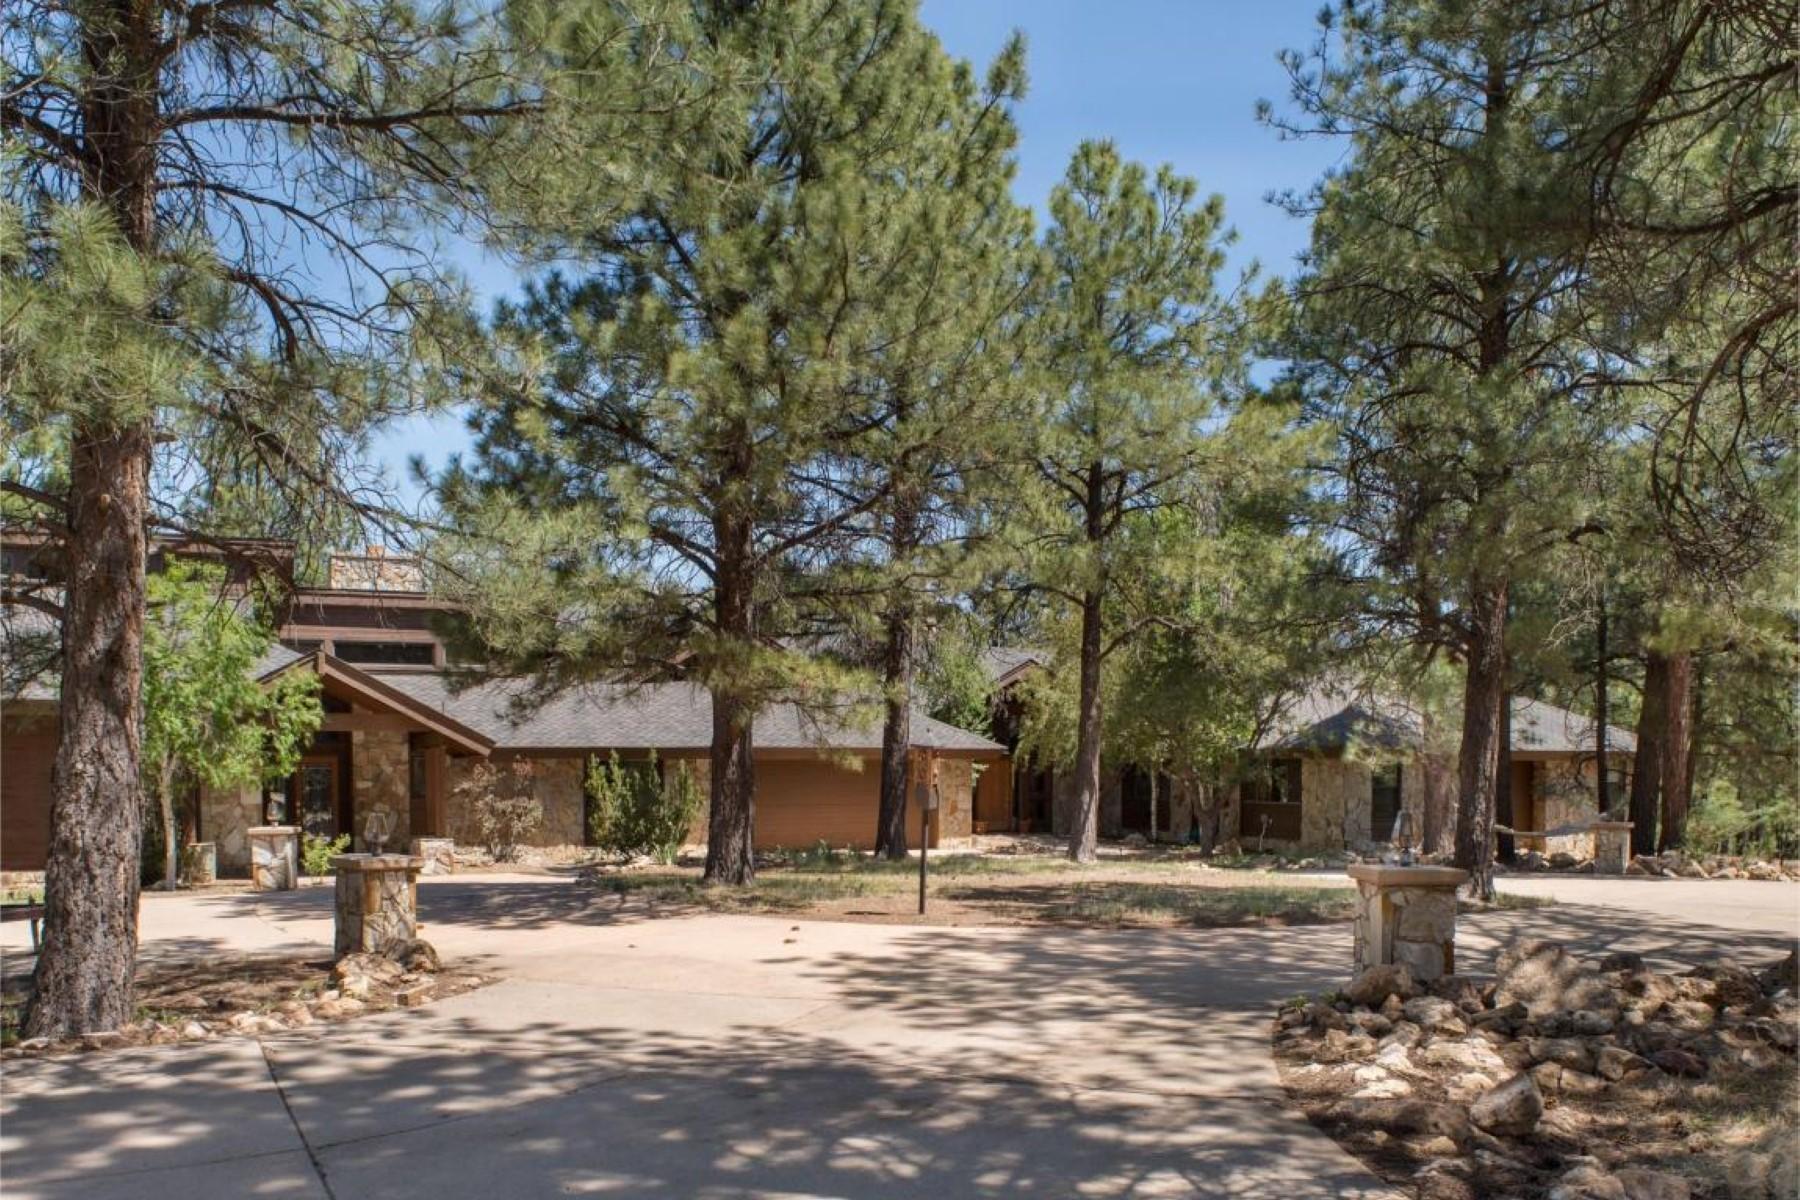 獨棟家庭住宅 為 出售 在 Incredible Lakeside Acres Estate 4450 E Green Mountain Dr Flagstaff, 亞利桑那州, 86004 美國